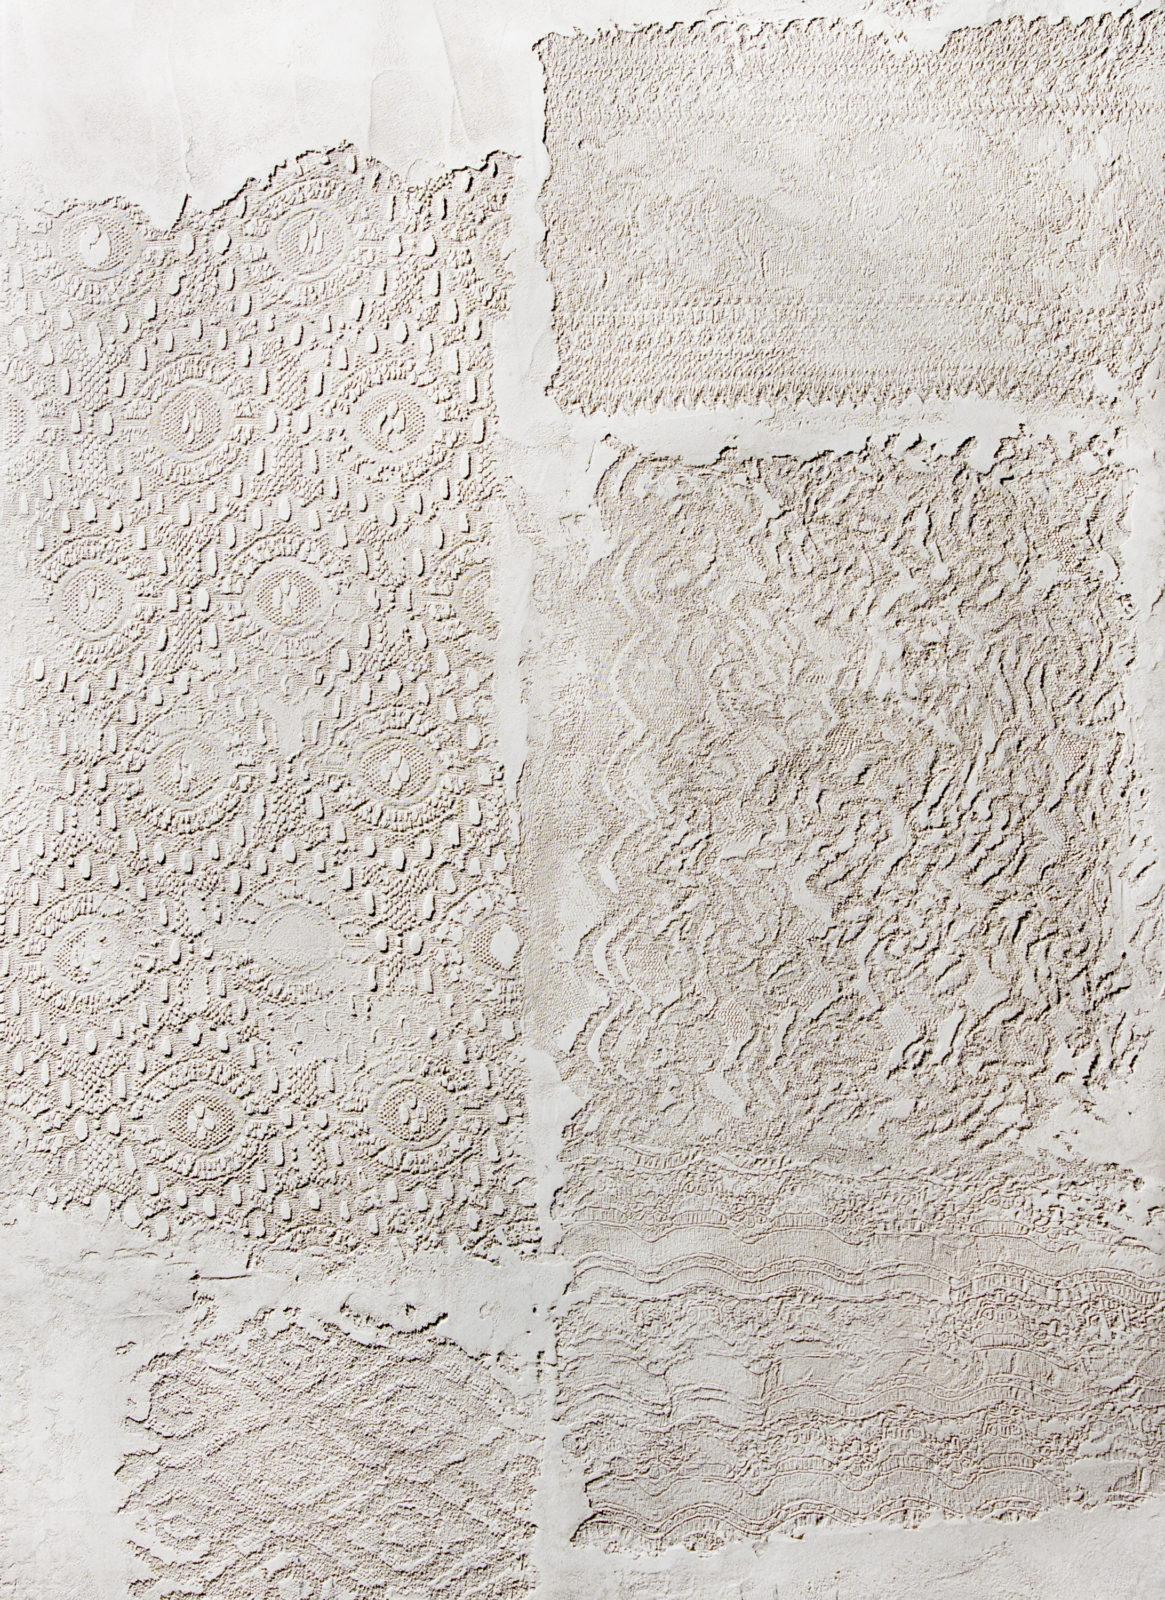 Винтажная фактура из декоративной штукатурки с кружевным рисунком. Техника patchwork.